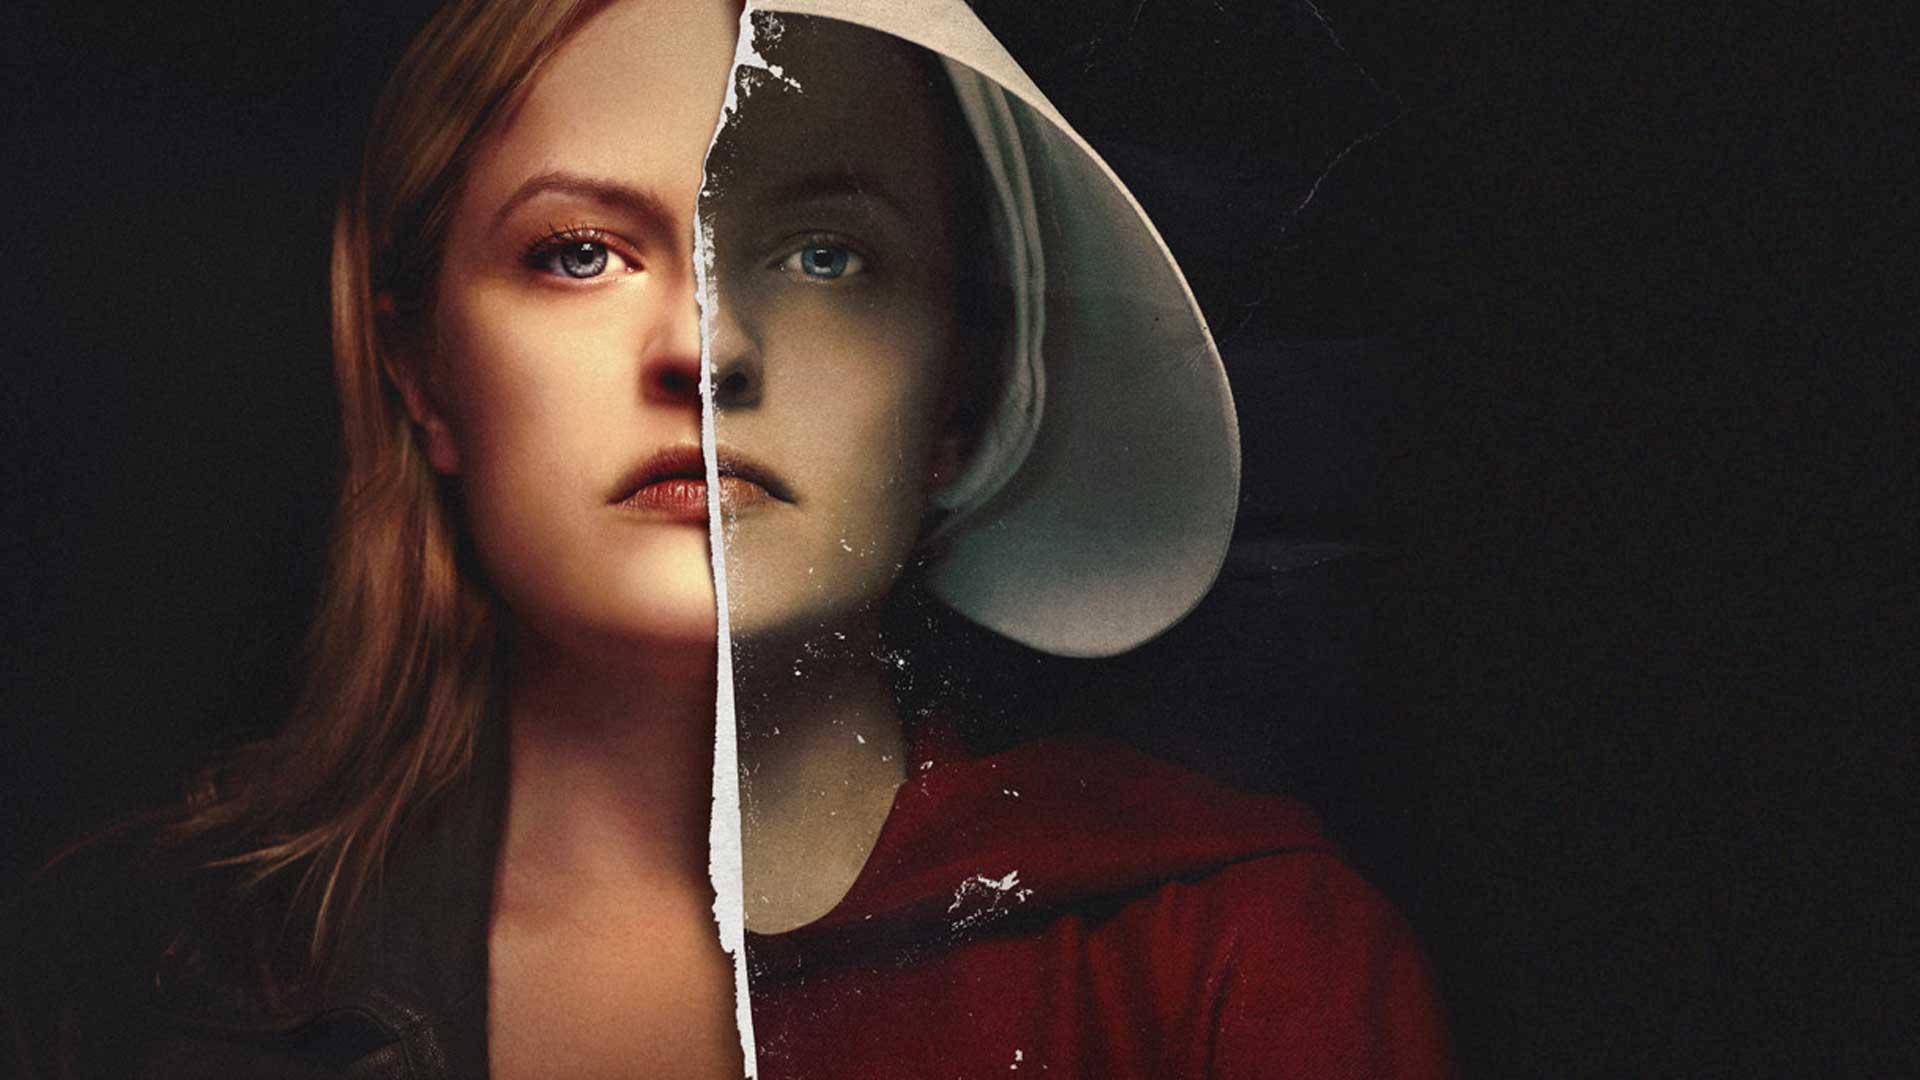 4-й сезон Рассказ служанки перенесут на 2021 год